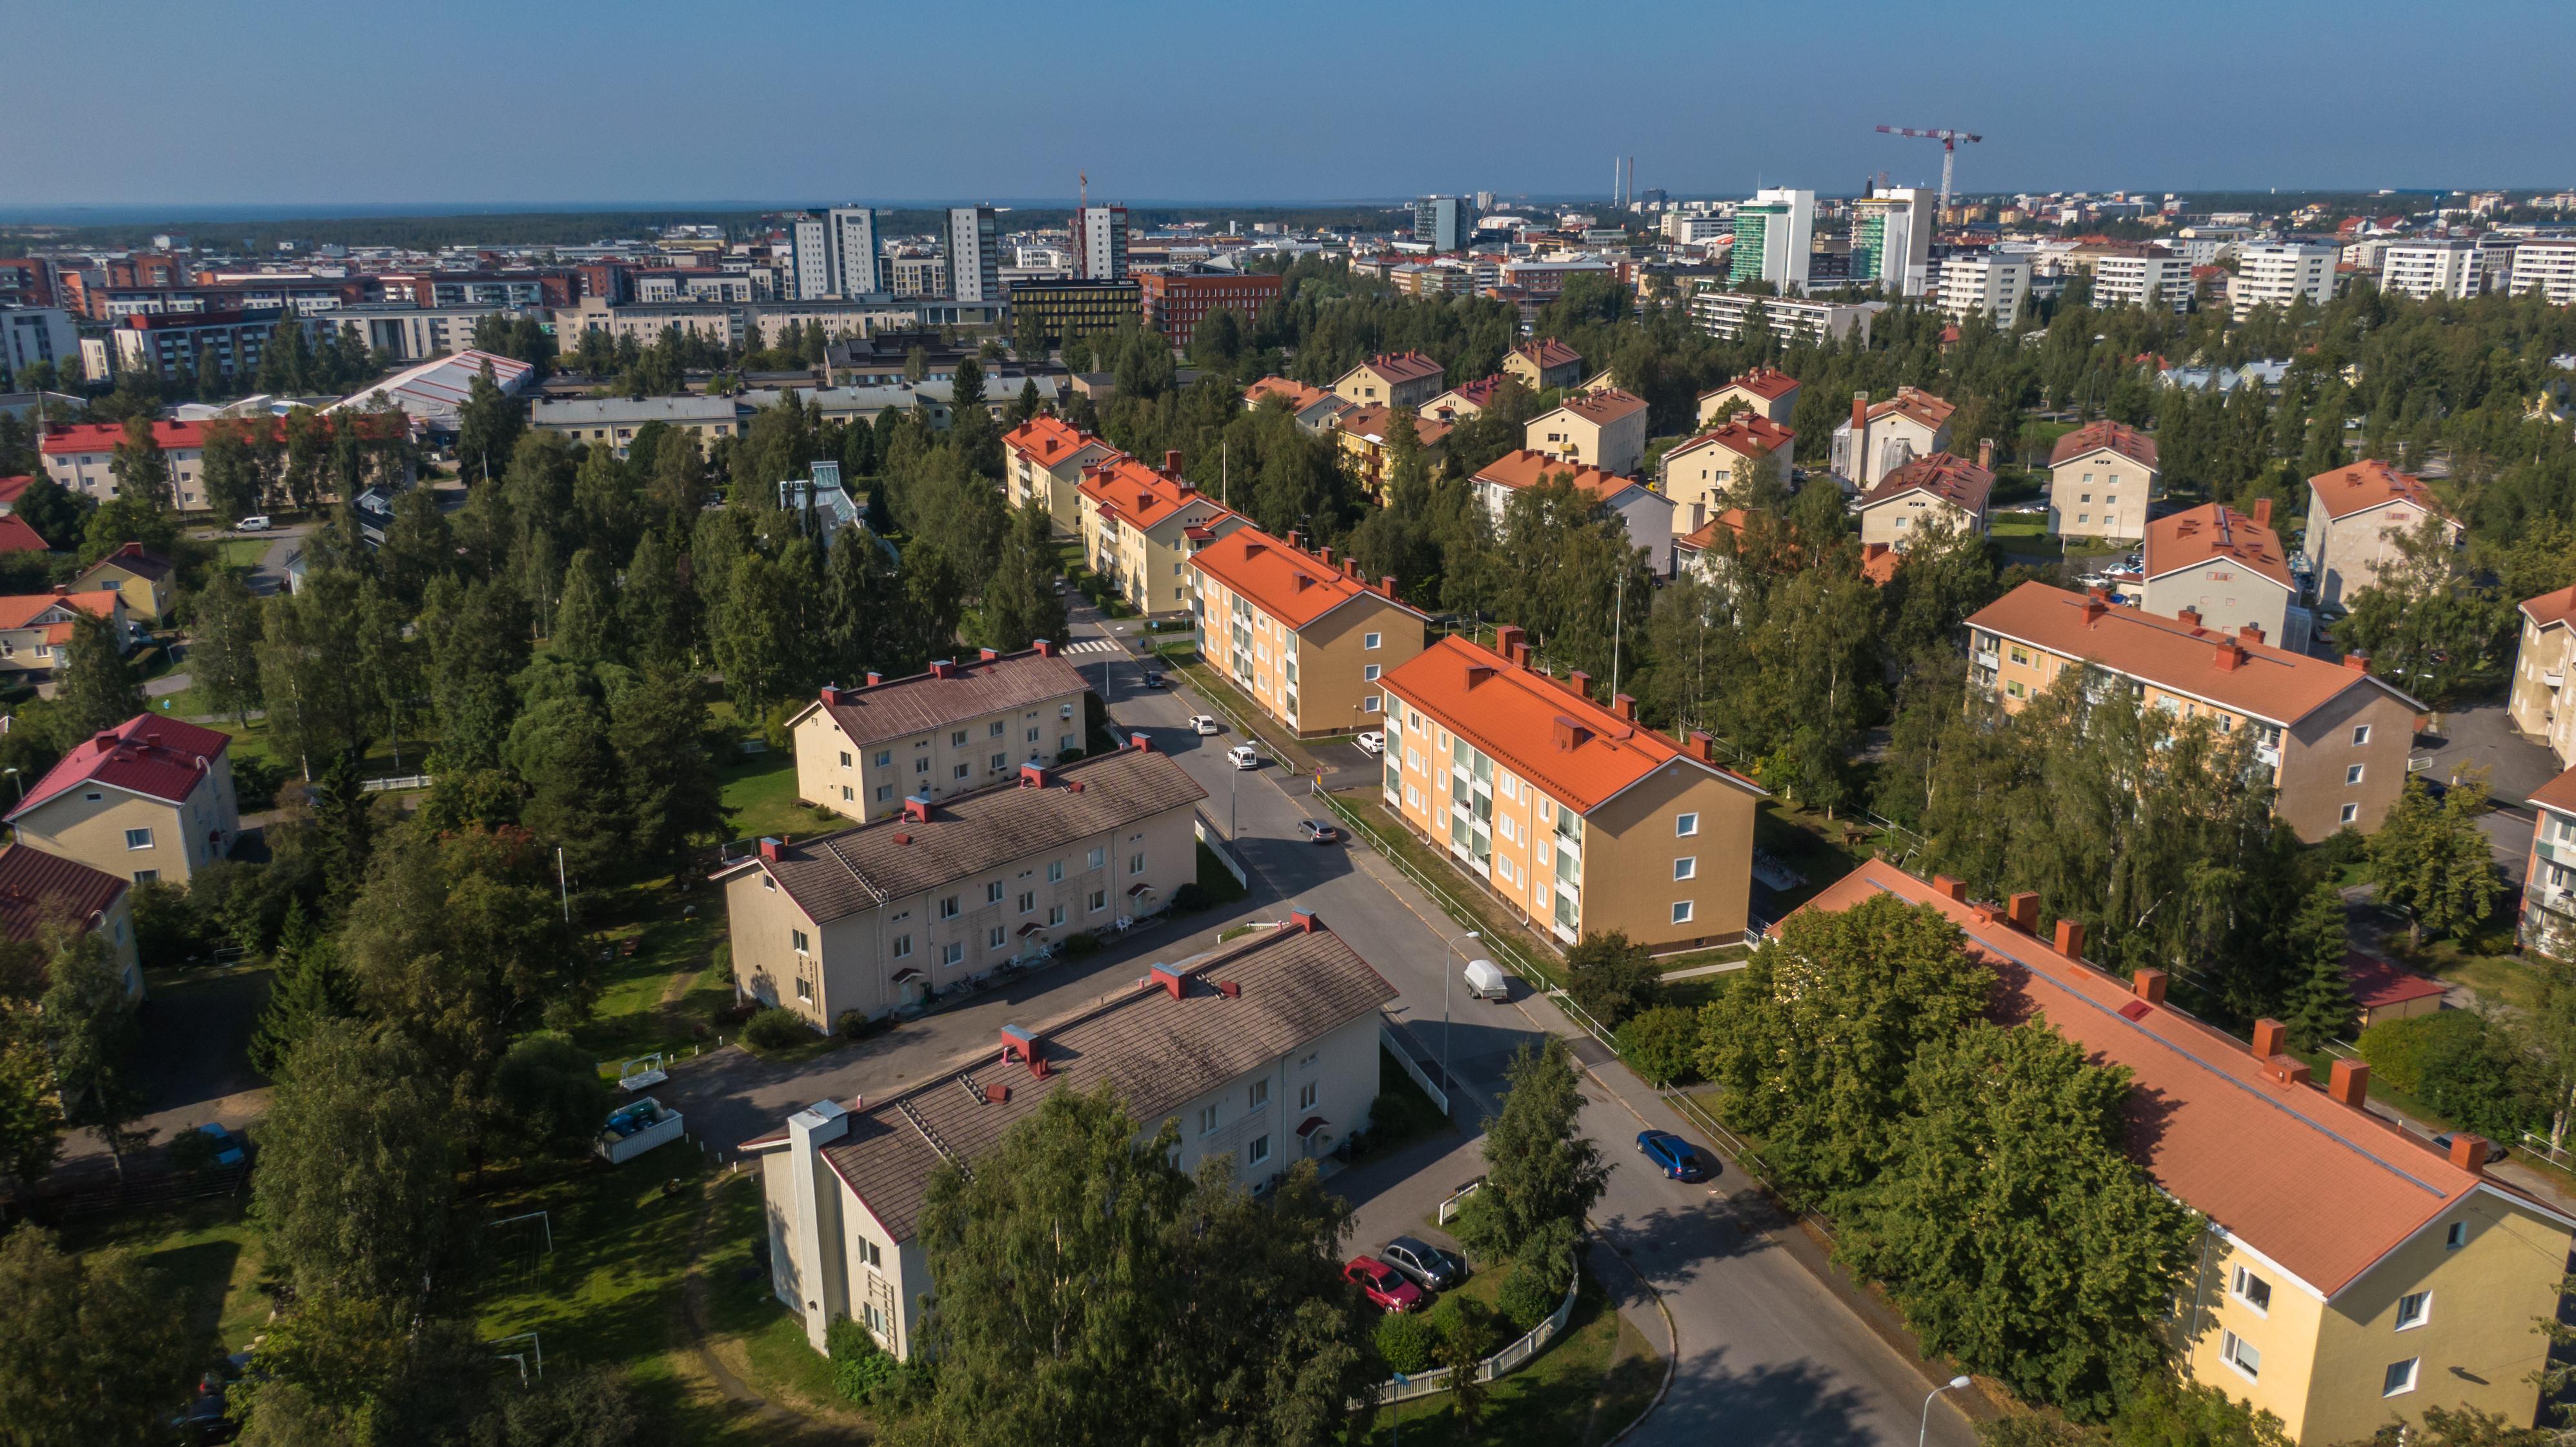 Oulun Karjasillan asuinaluetta ilmasta kuvattuna. Kesäistä rauhallista asuinaluetta. Keltaisia kerrostaloja, taustalla modernia Oulun kaupunkia.